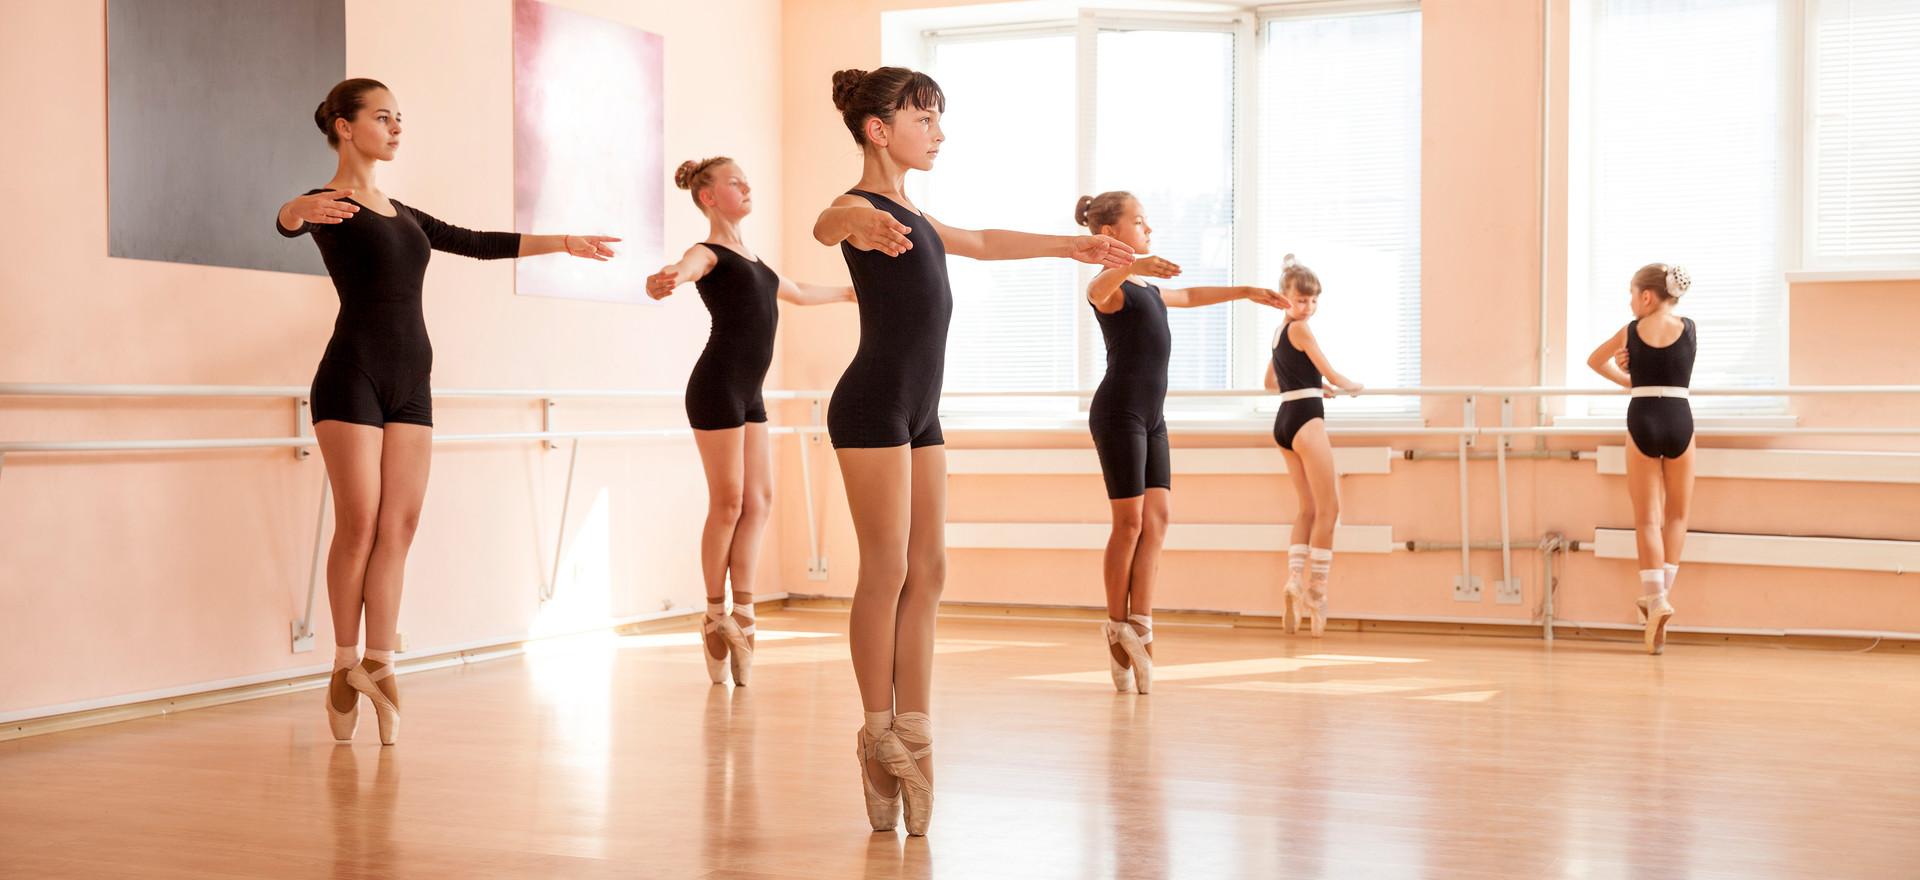 רצפה מיוחדת לריקוד